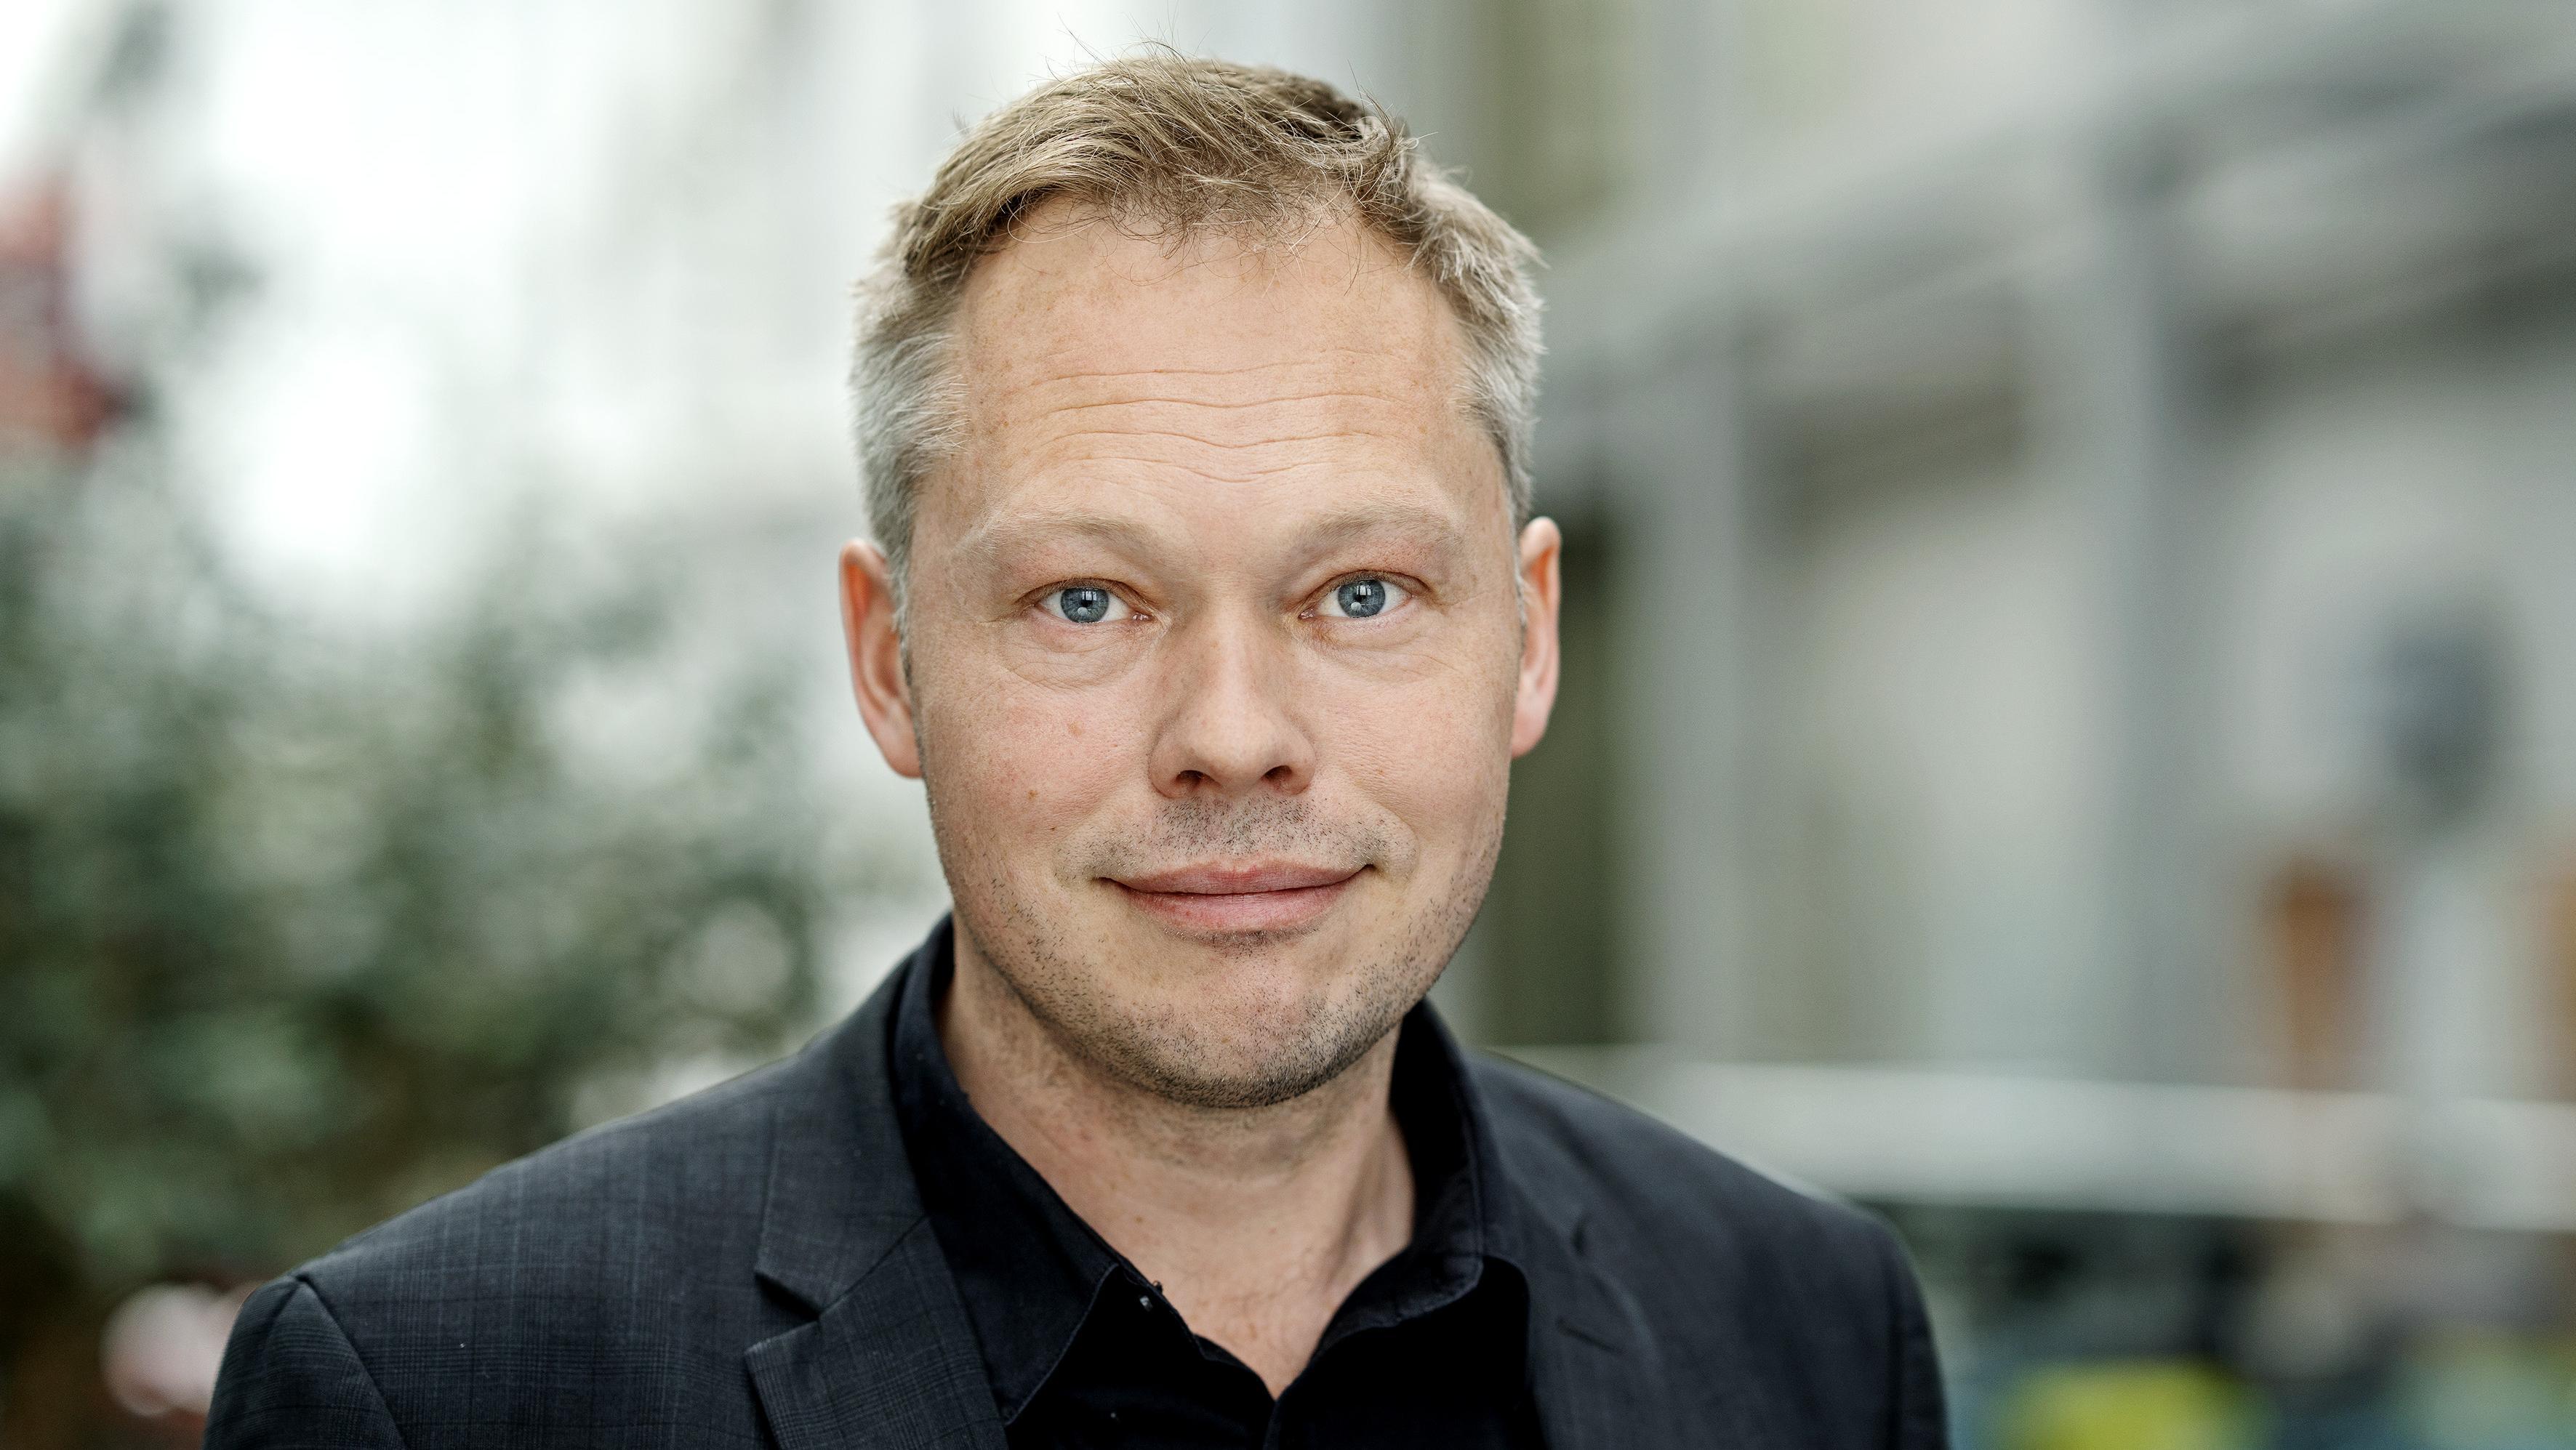 Michael S. Lund